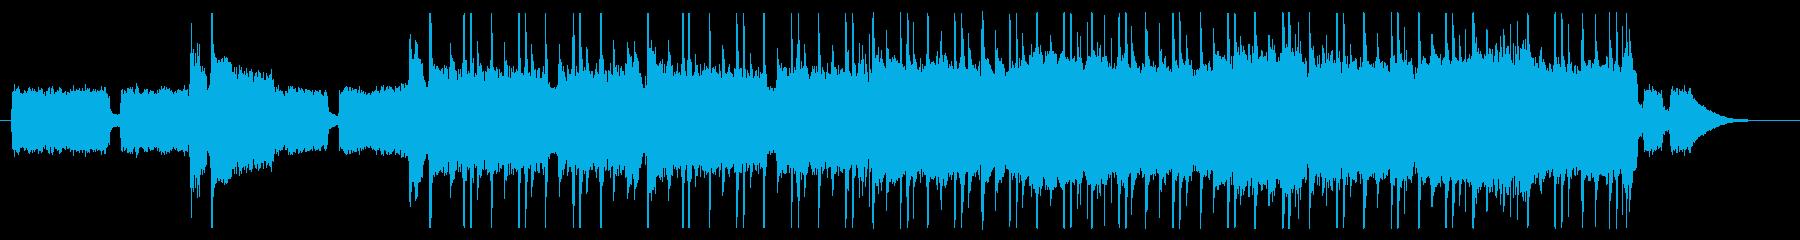 ミディアムブルースロックの再生済みの波形